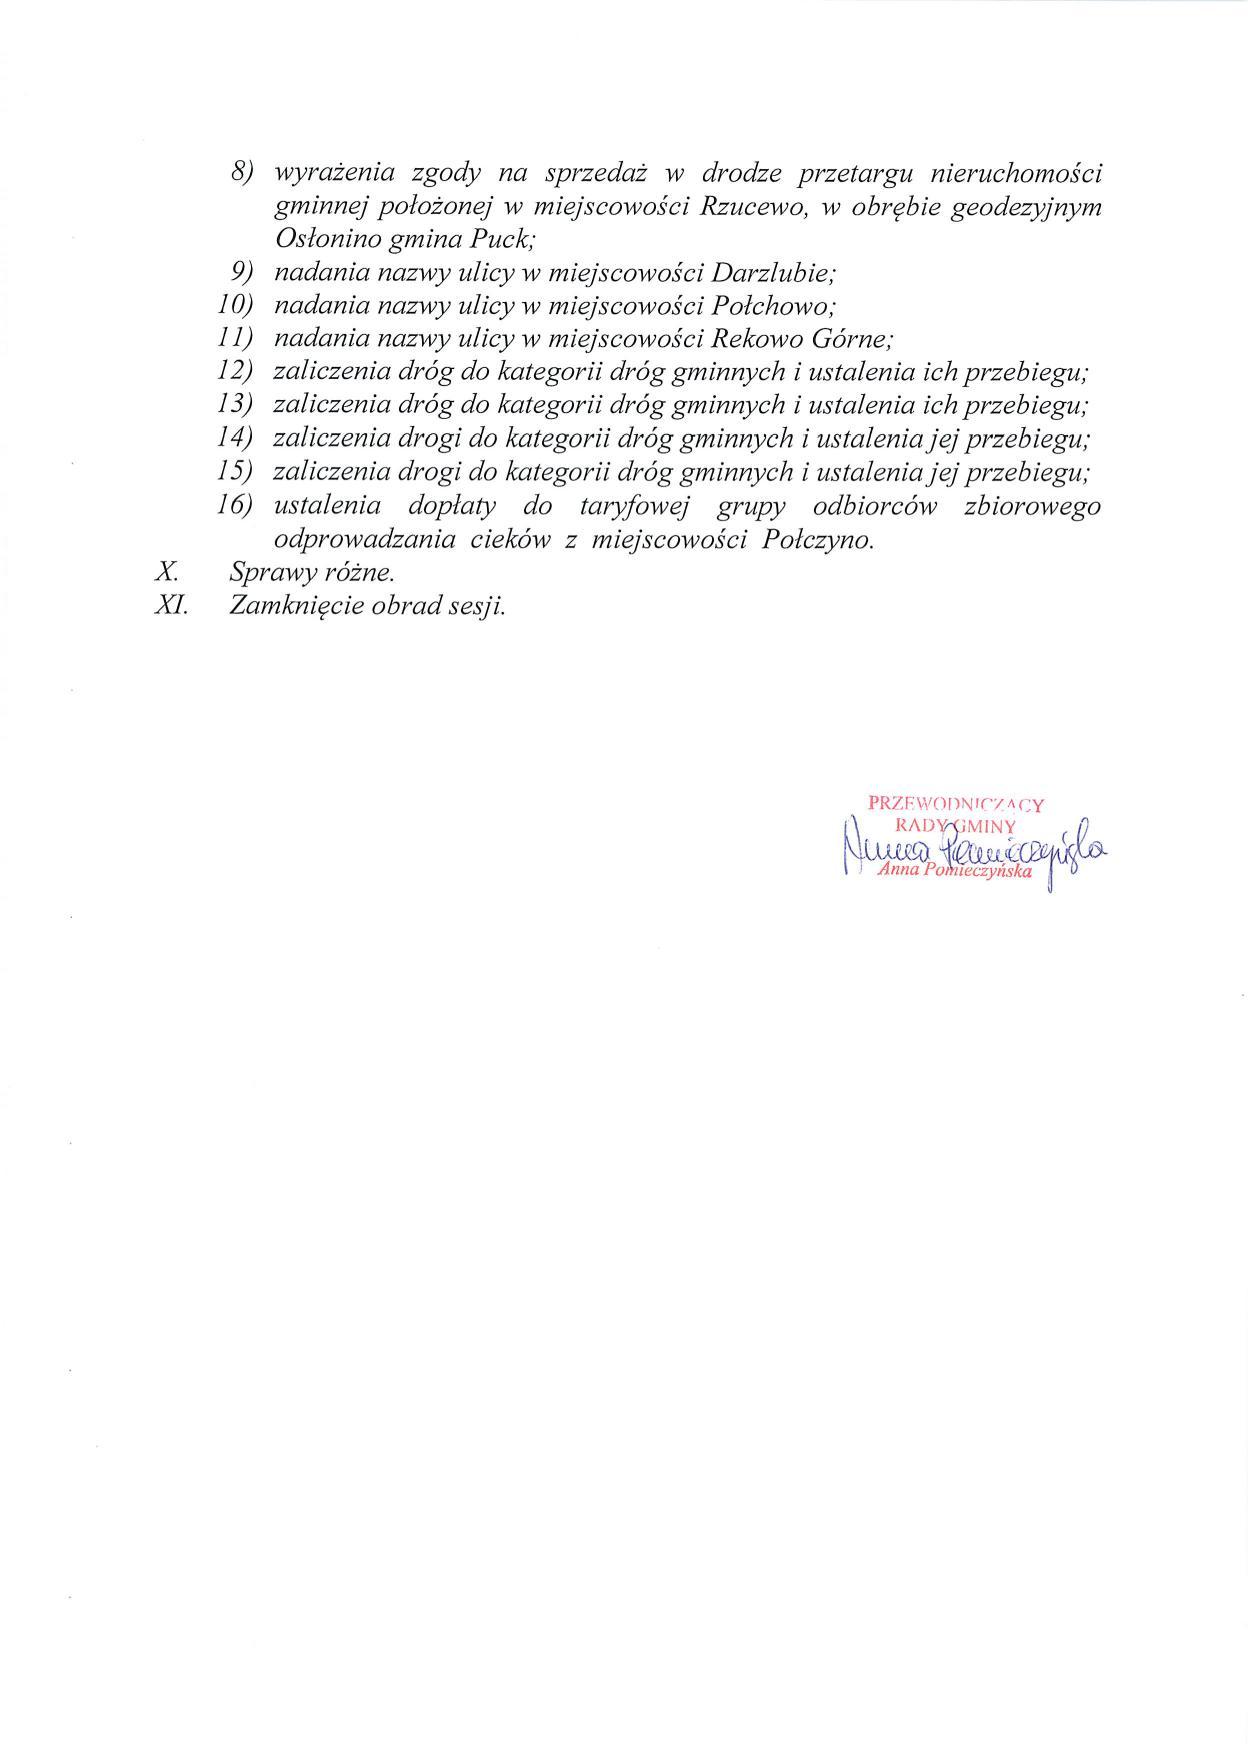 Proponowany porządek obrad LIII sesji Rady Gminy Puck - dnia 07 czerwca 2018 roku_02